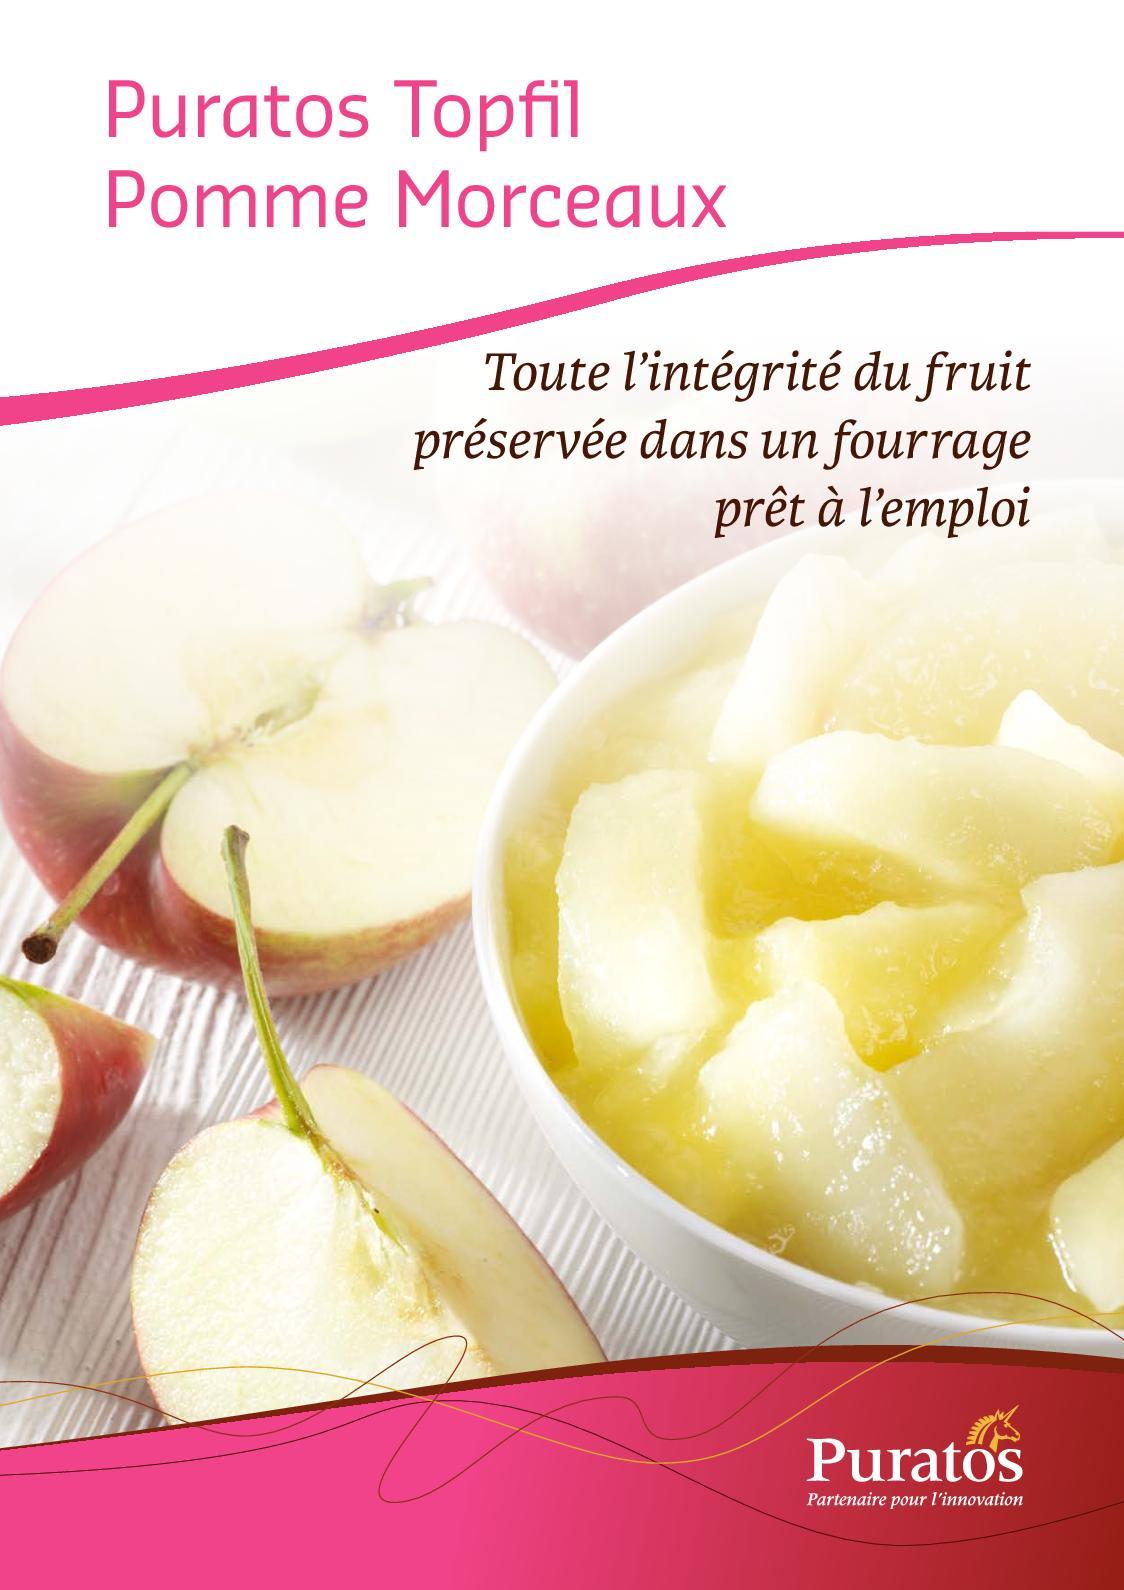 Fiche Puratos Topfil Pomme Morceaux 86% -2018